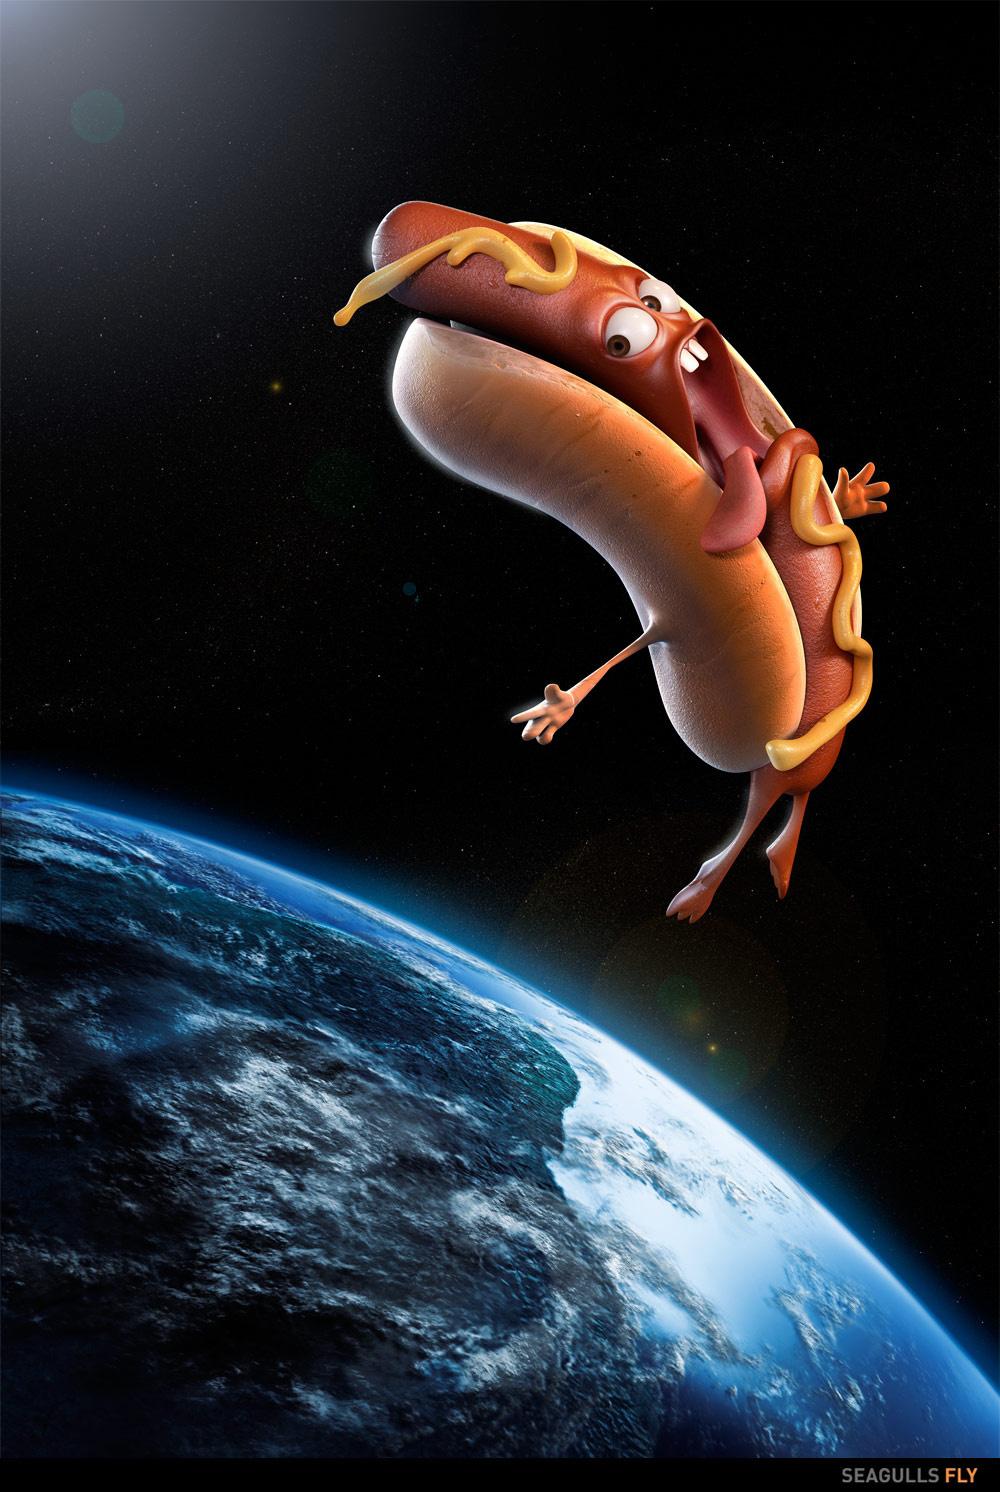 Raoninery hot dog sal de fruta 1 46d4fe4f lsxm